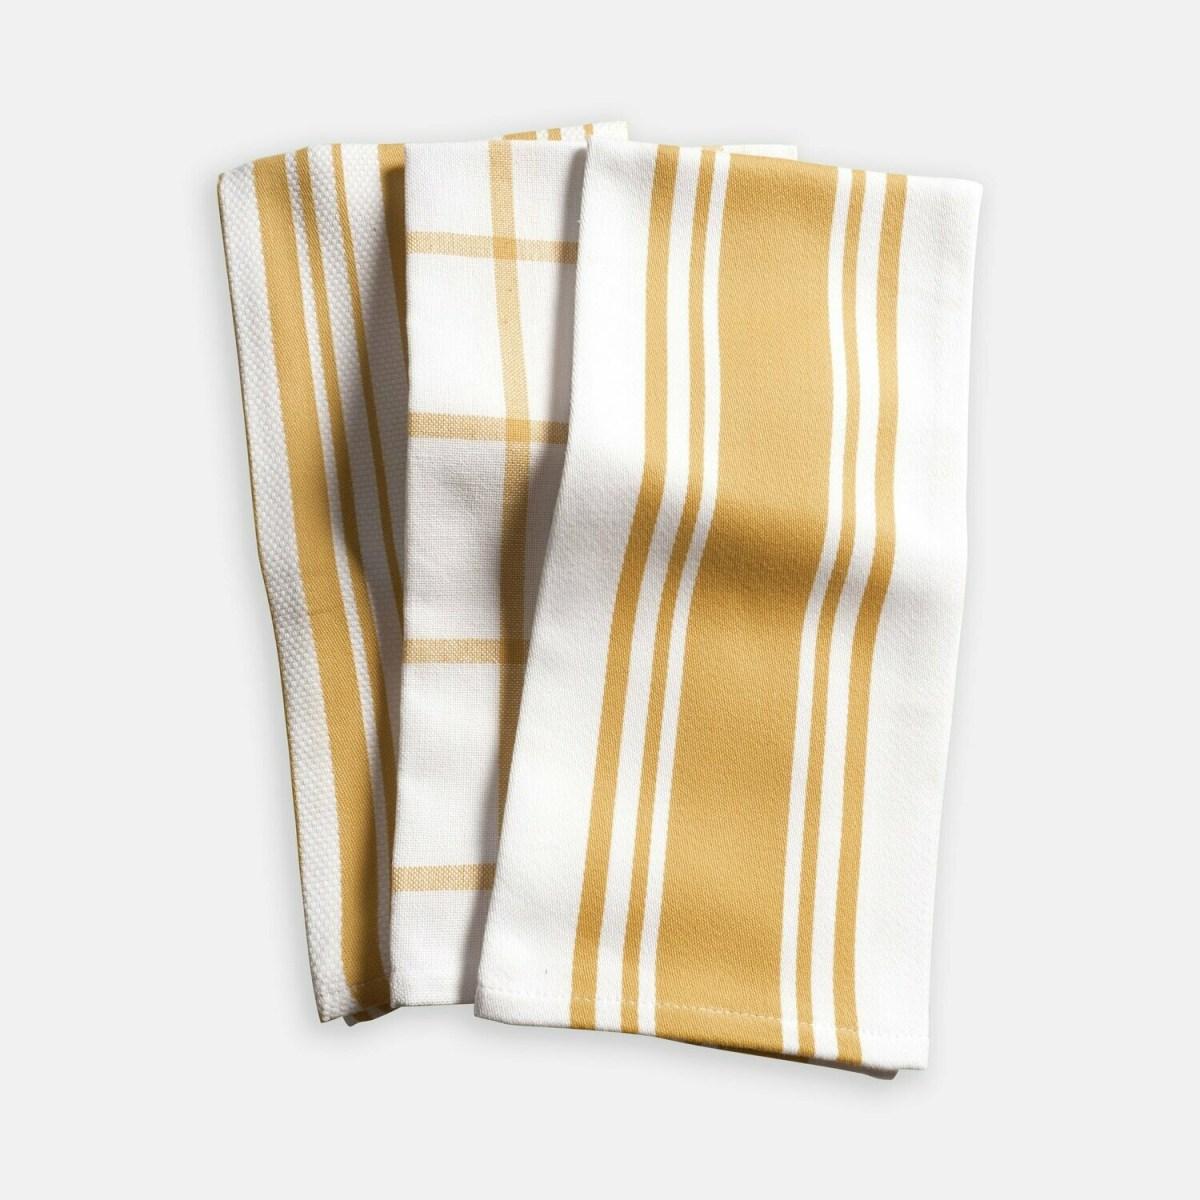 KAF Home Set of 3 Kitchen Towels - Ochre